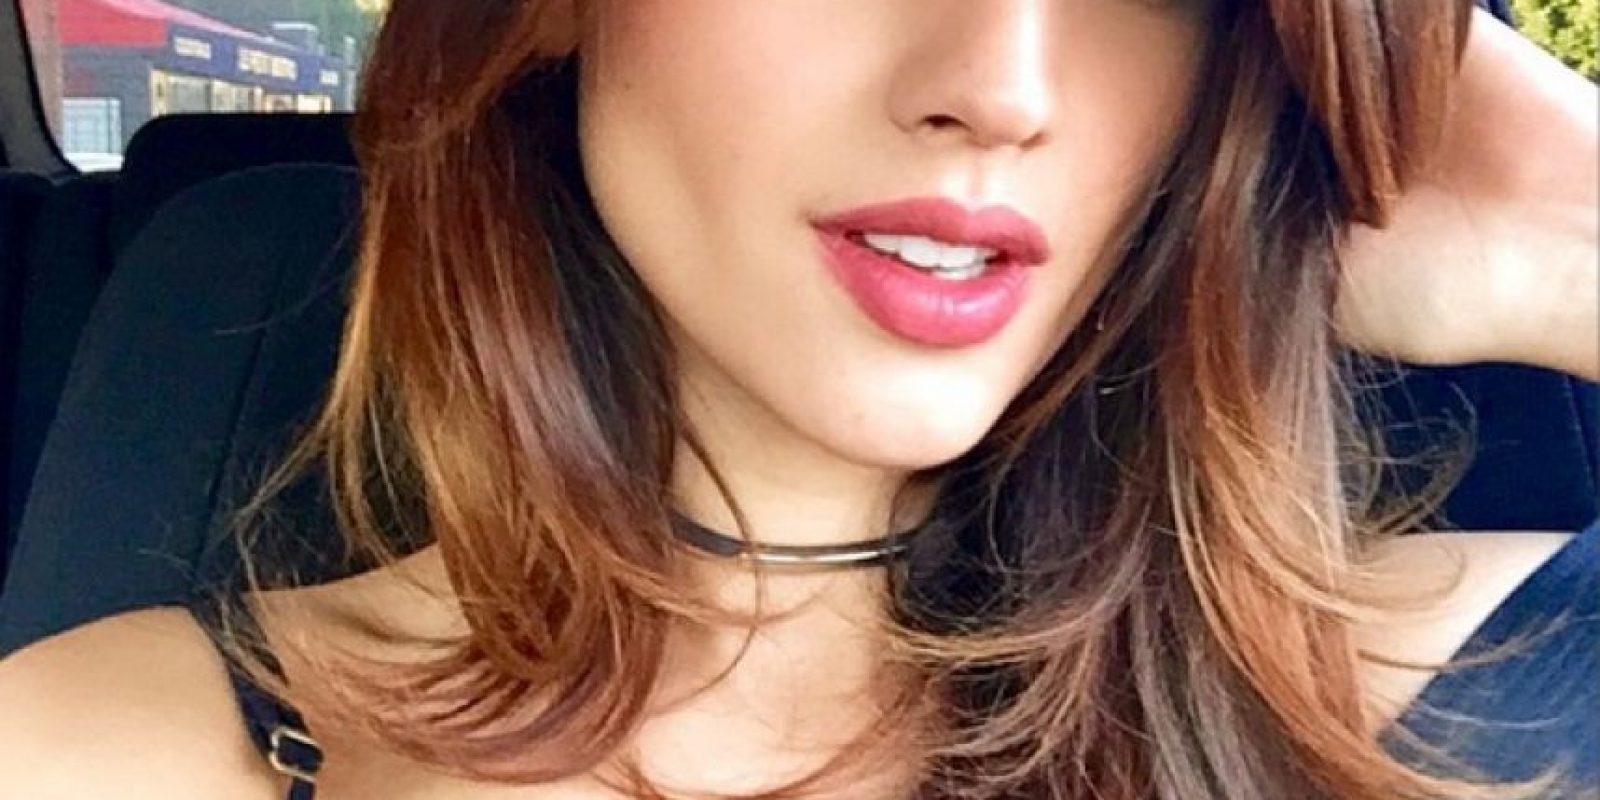 """, Eiza se dio a conocer en los Estados Unidos al interpretar a Santanico Pandemonium en la serie """"From Dusk Till Dawn"""" Foto:Instagram Eiza Gonzalez"""